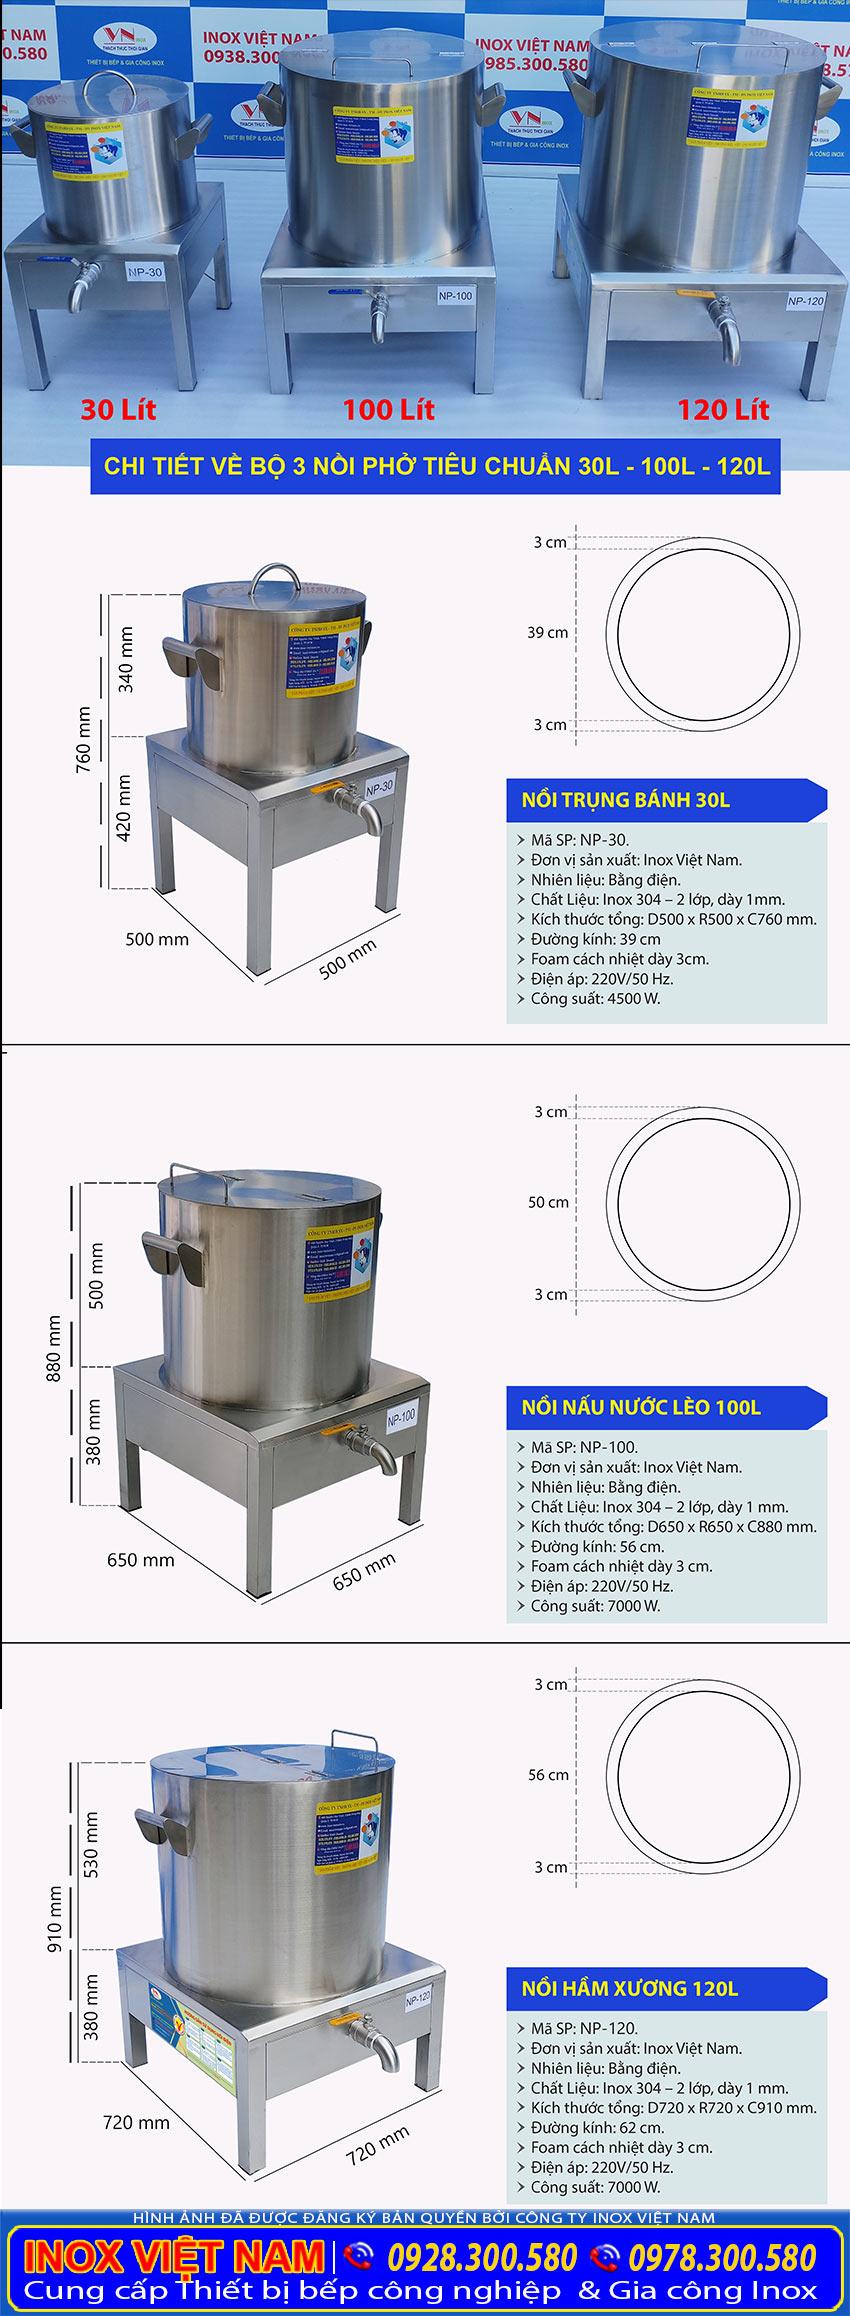 Chi tiết từng nồi phở điện của bộ ba nồi nấu phở bằng điện 30 lít 100 lít và 120 lít giá tốt tại đơn vị Inox Việt Nam.